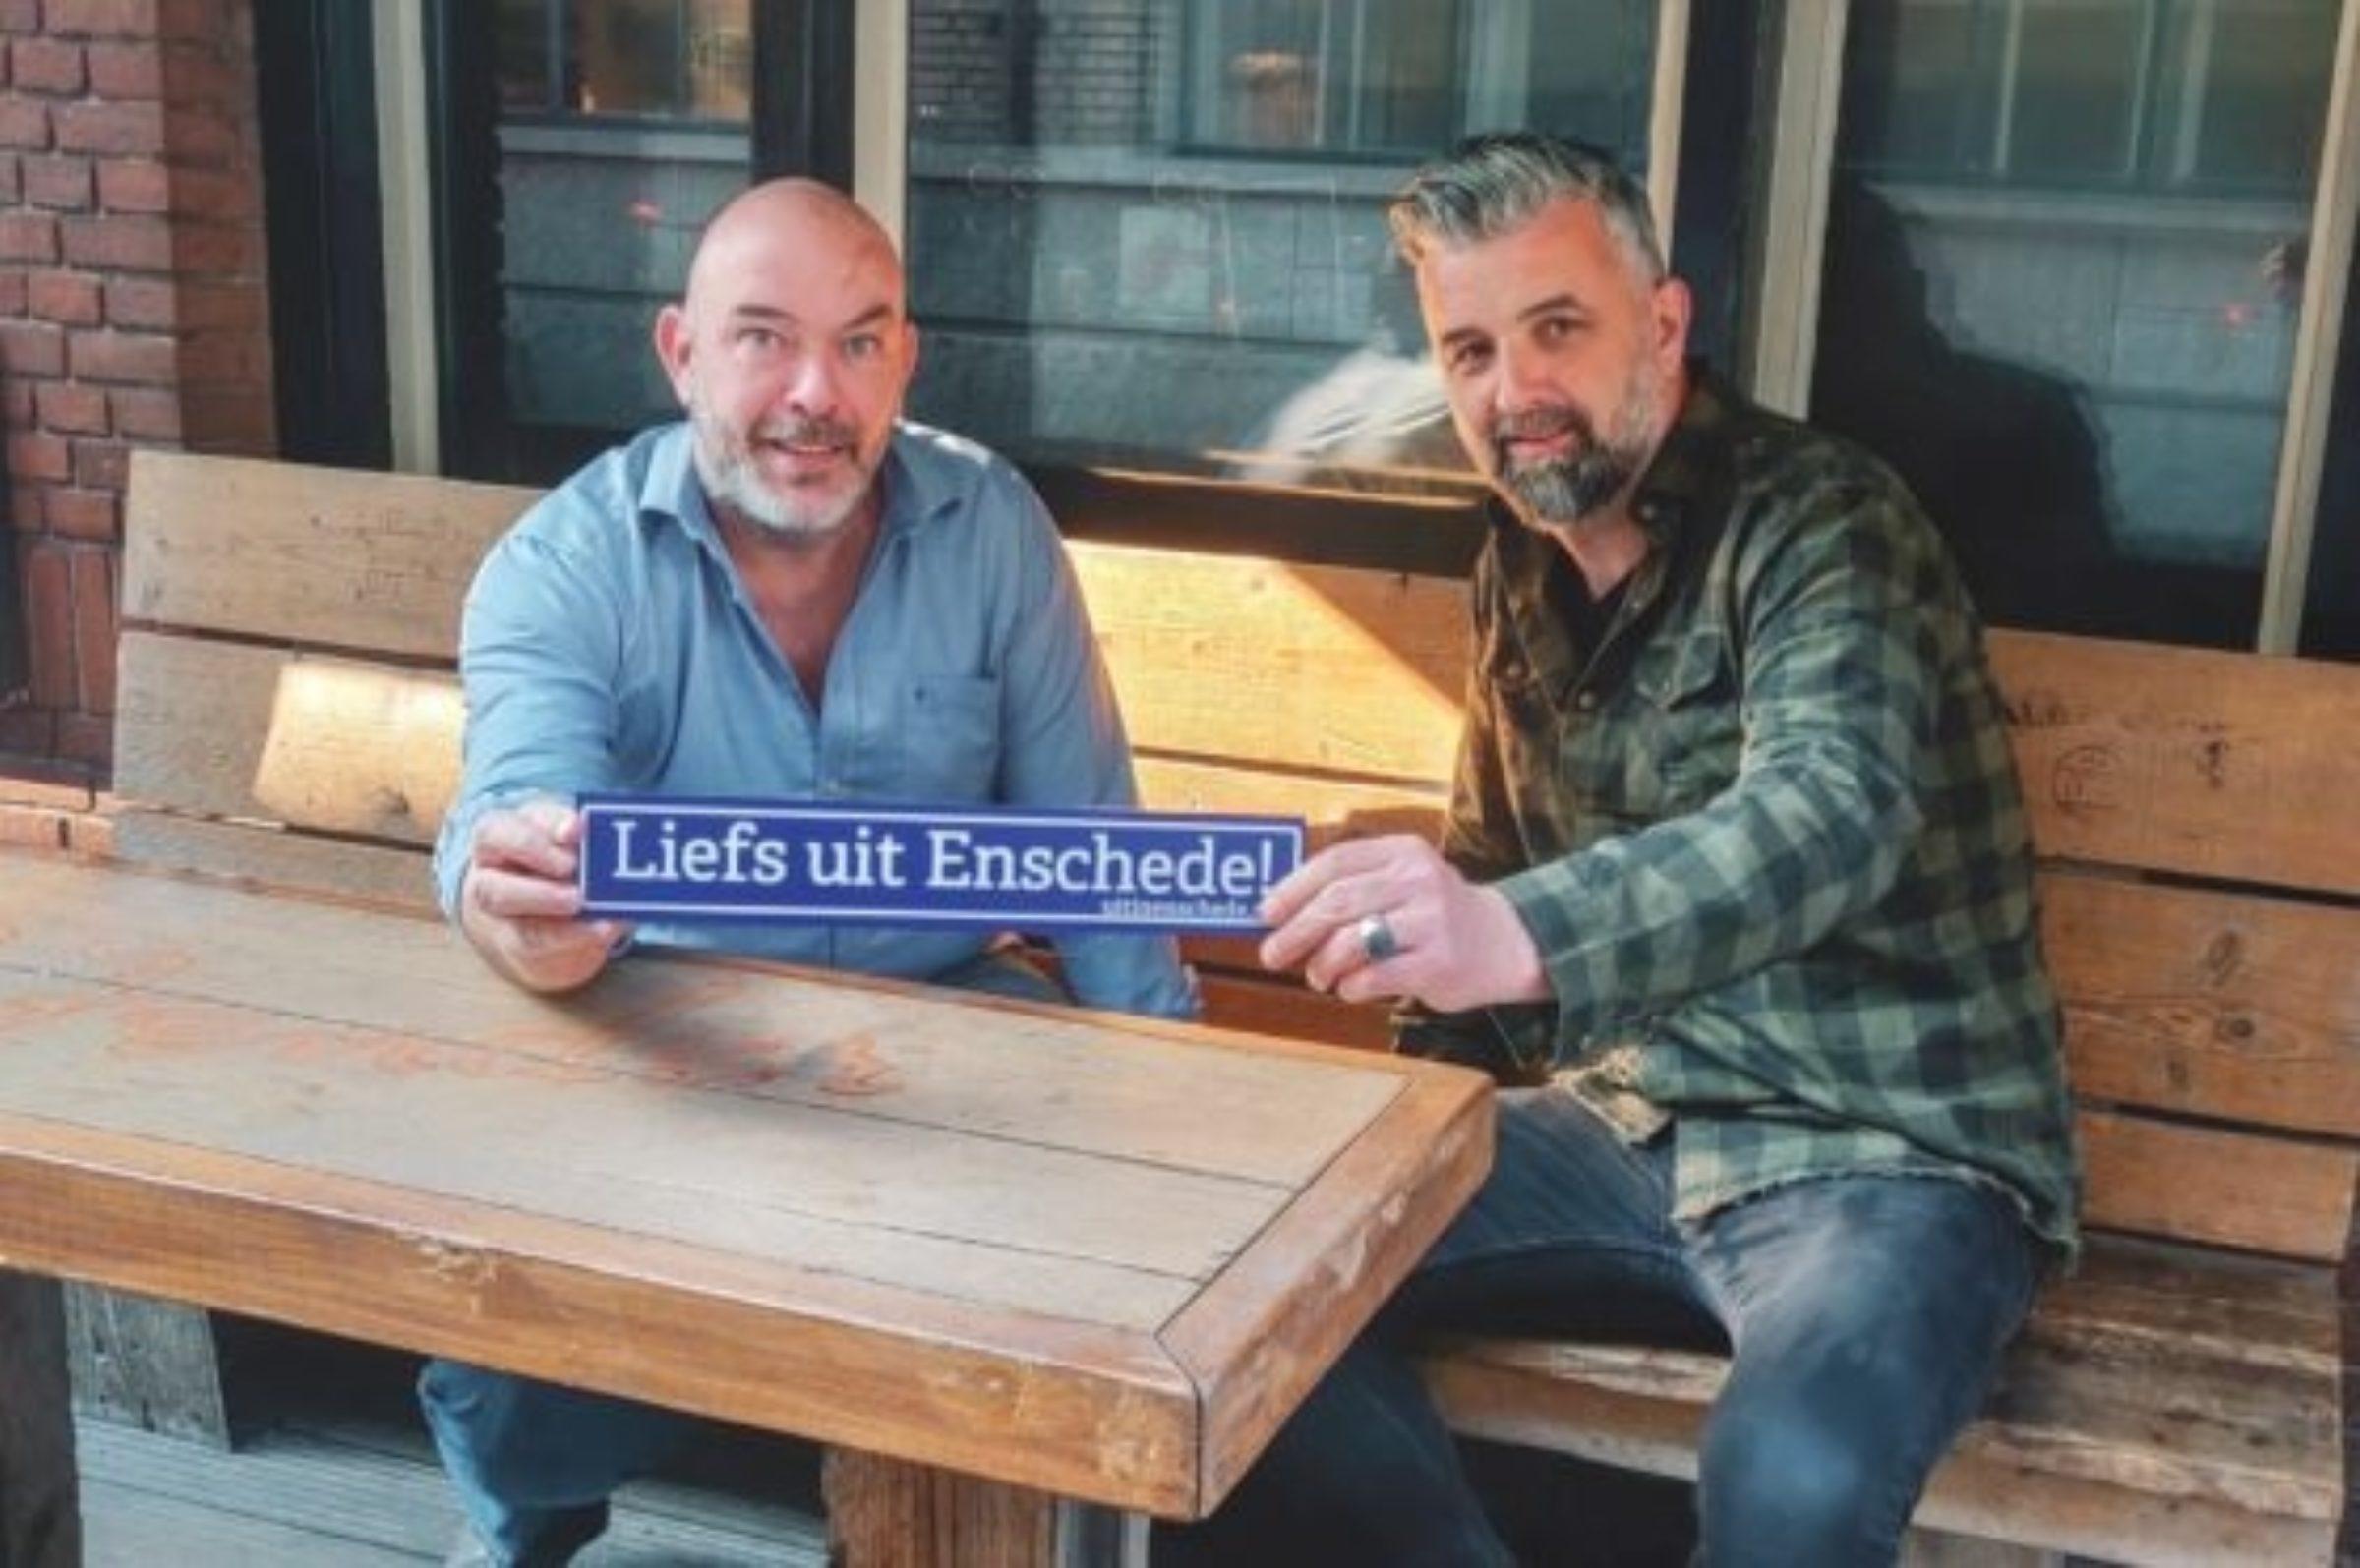 2019 Liefs Uit Enschede Rocks